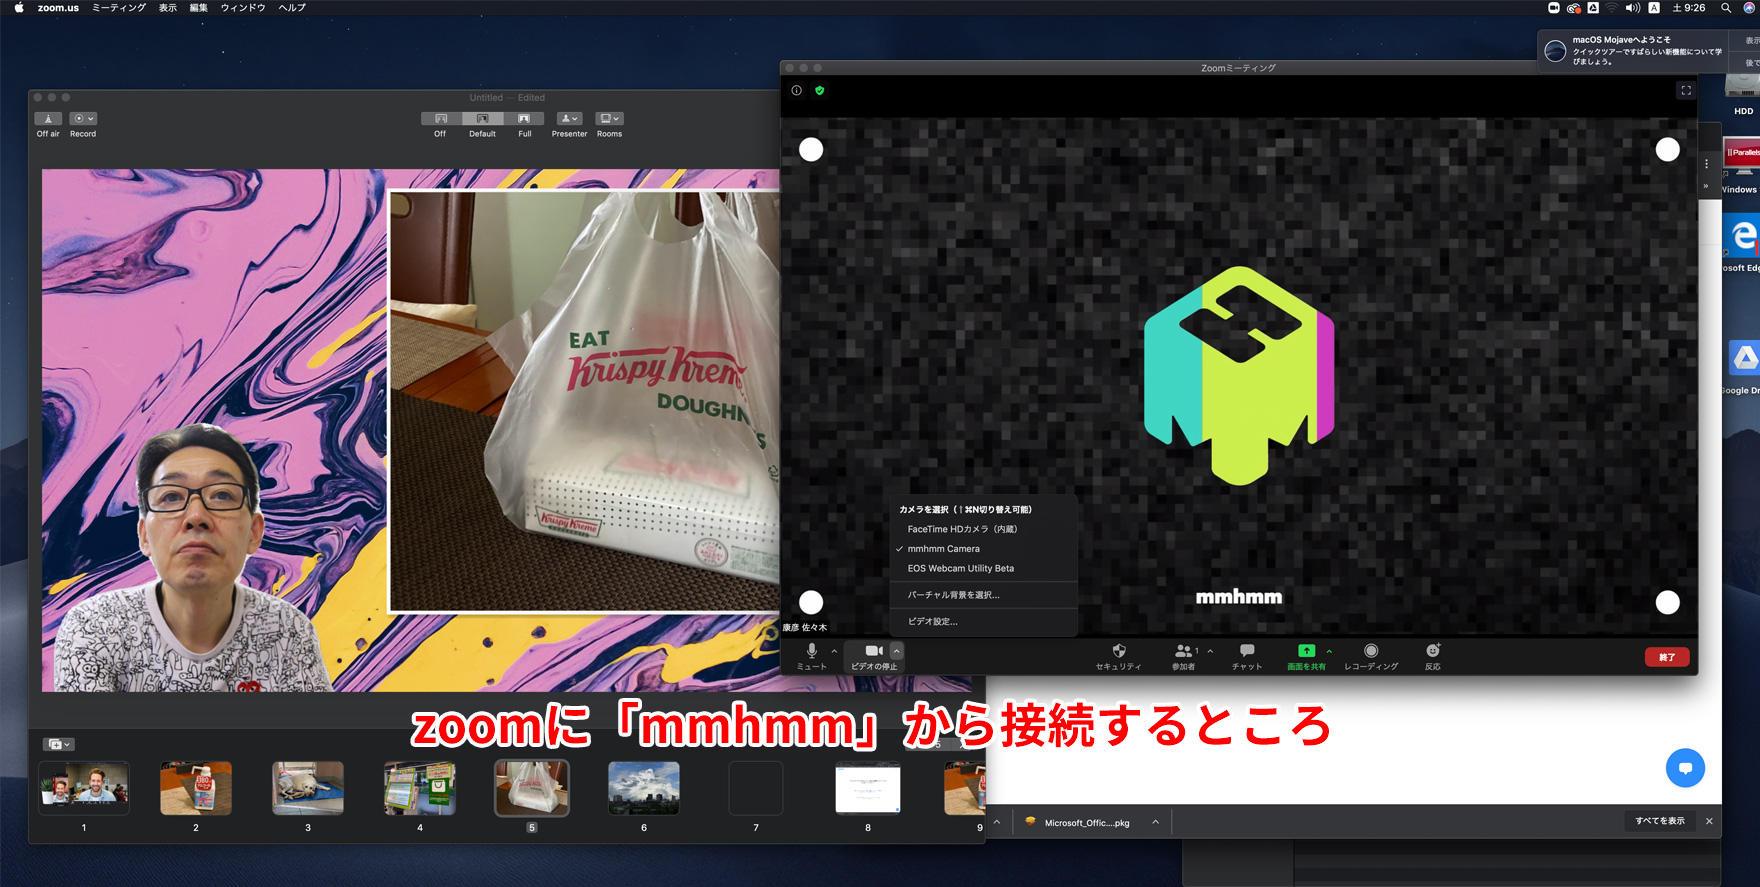 https://blogs.itmedia.co.jp/yasusasaki/147bfa0ee39de1d333117d56f438f1ab550e7937.jpg